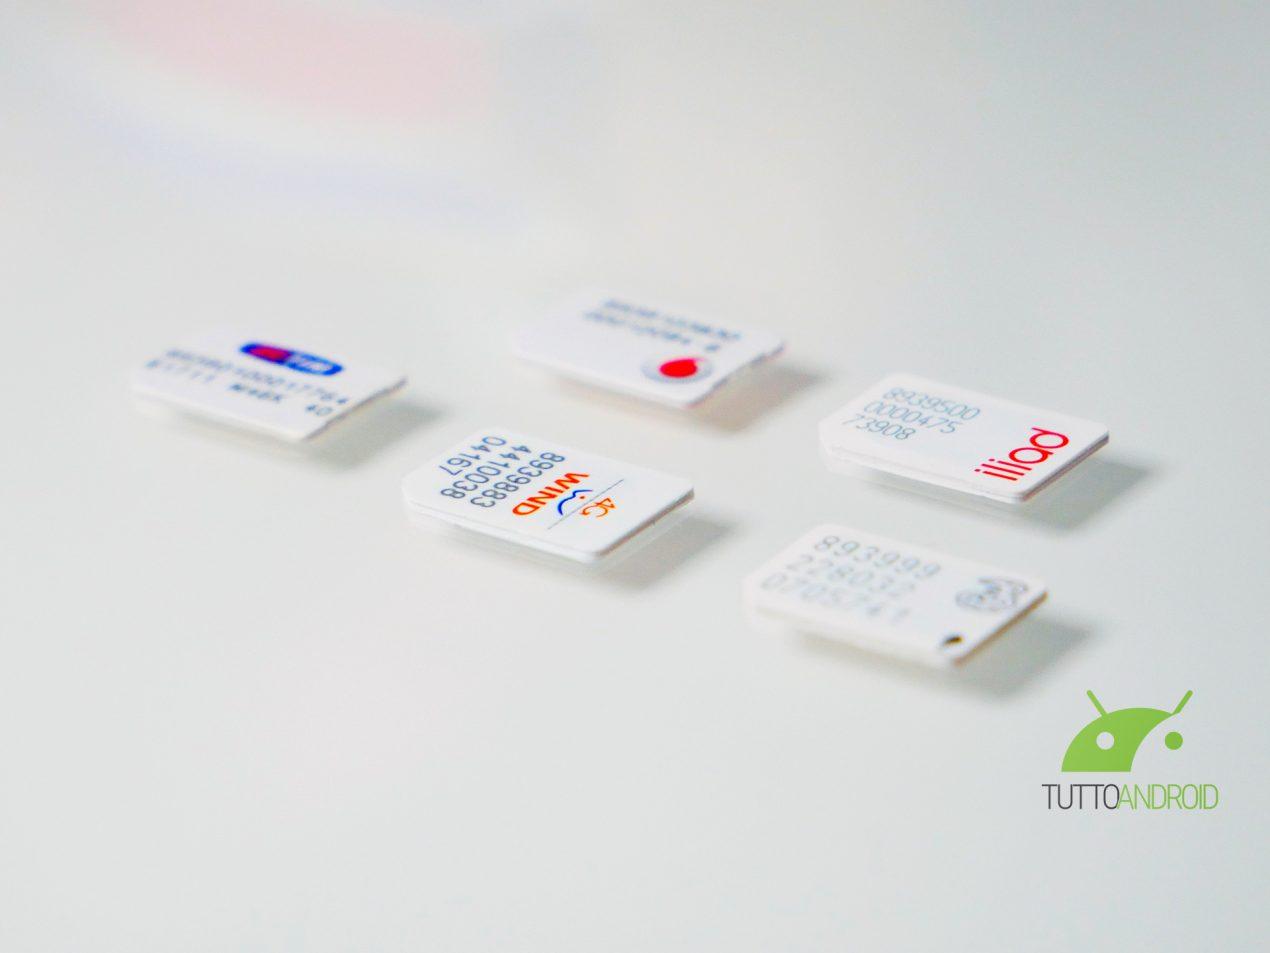 Migliori offerte telefoniche di TIM, Vodafone, Iliad, Wind e Tre